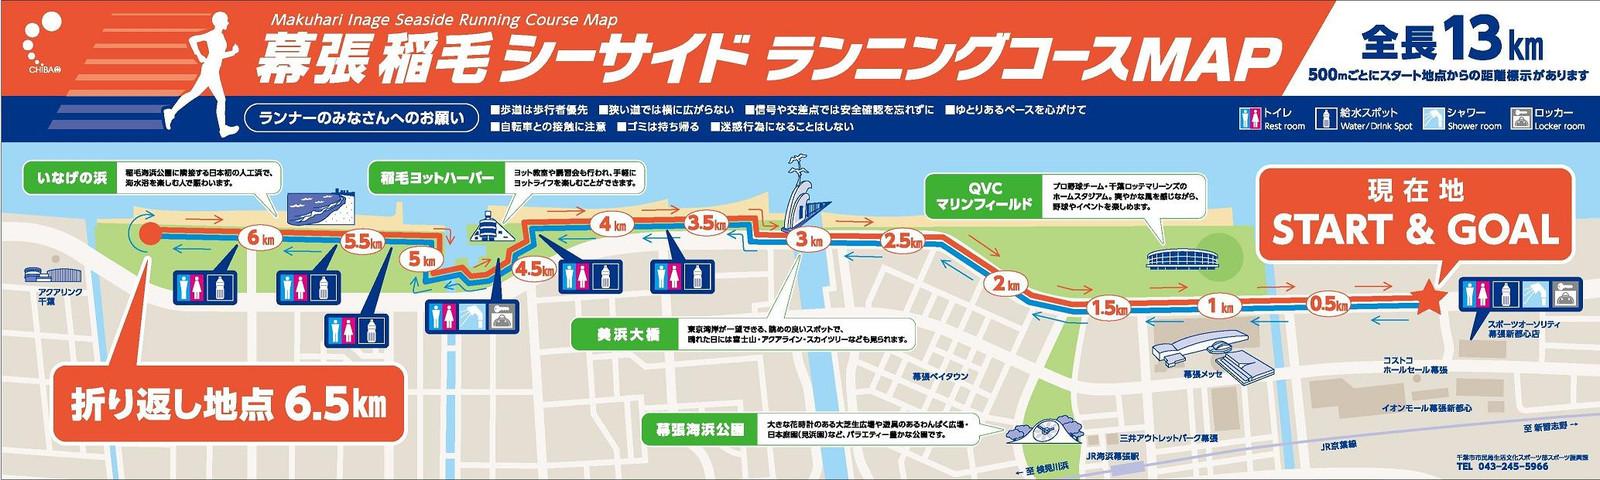 Runninngmap1